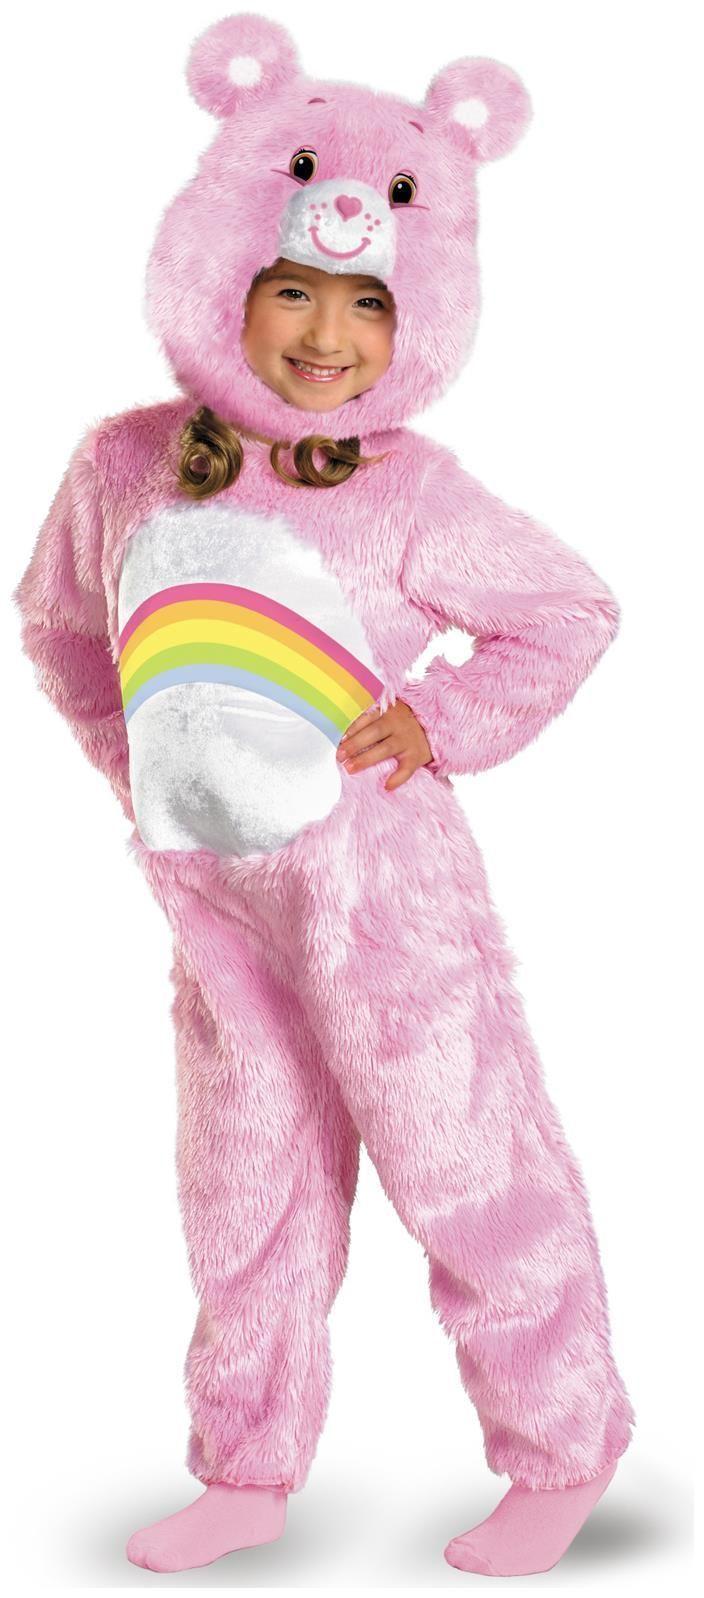 Care Bears Cheer Bear Deluxe Plush Infant / Toddler Costume #carebearcostume Par... - #bear #BEARS #Care #carebearcostume #Cheer #Costume #creepyHalloweenCostumesWomen #Deluxe #HalloweenCostumesWomen2018 #HalloweenCostumesWomen2019 #HalloweenCostumesWomen80s #HalloweenCostumesWomen90s #HalloweenCostumesWomenalien #HalloweenCostumesWomenangel #HalloweenCostumesWomenanimal #HalloweenCostumesWomenappropriate #HalloweenCostumesWomenarmy #HalloweenCostumesWomenbeautiful #HalloweenCostumesWomenbest # #carebearcostume